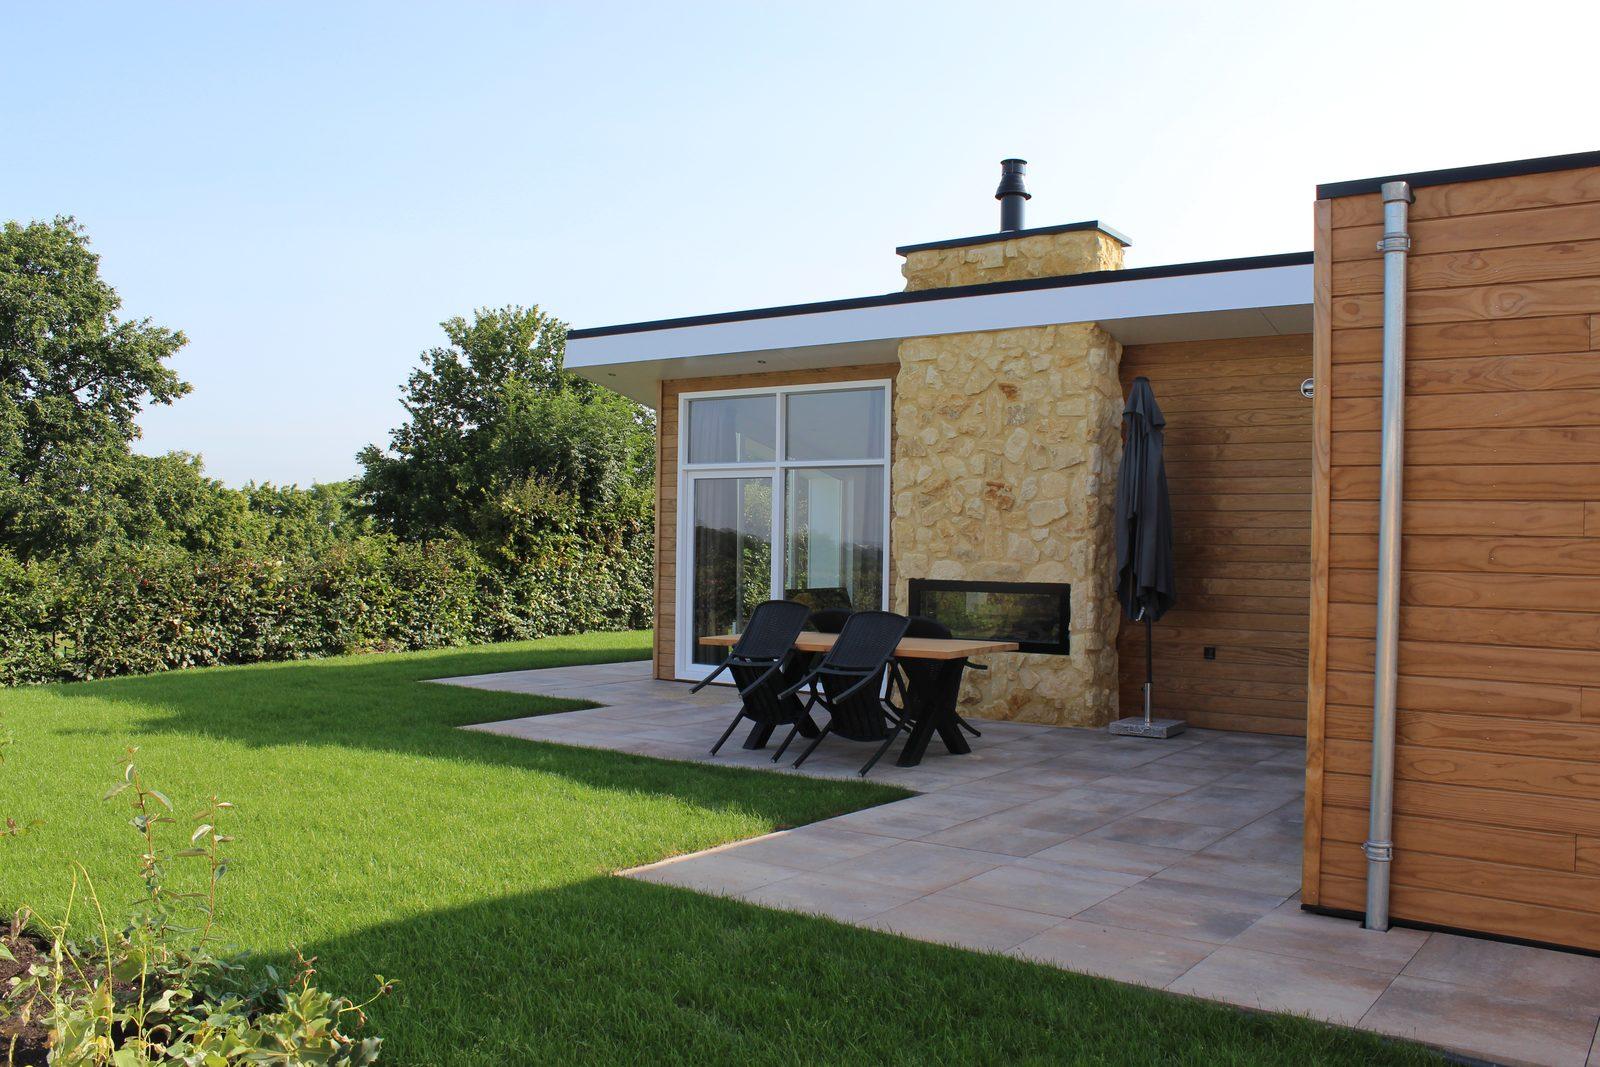 Ferienhaus in Limburg erwerben